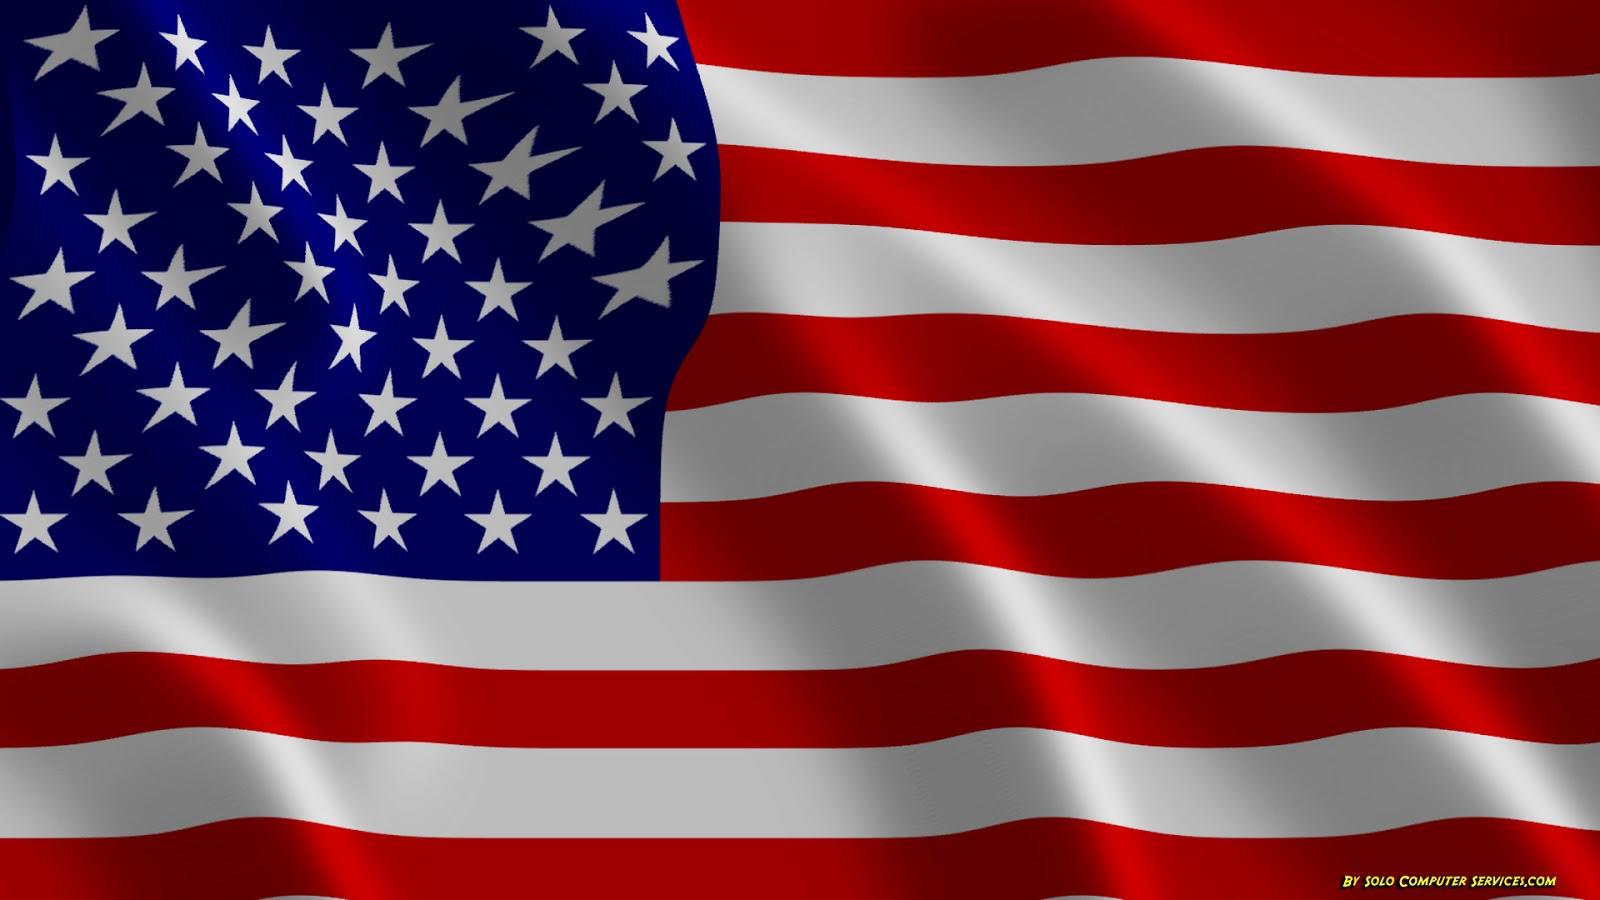 Séjour linguistique USA : Les avantages de partir étudier l'anglais outre-Atlantique